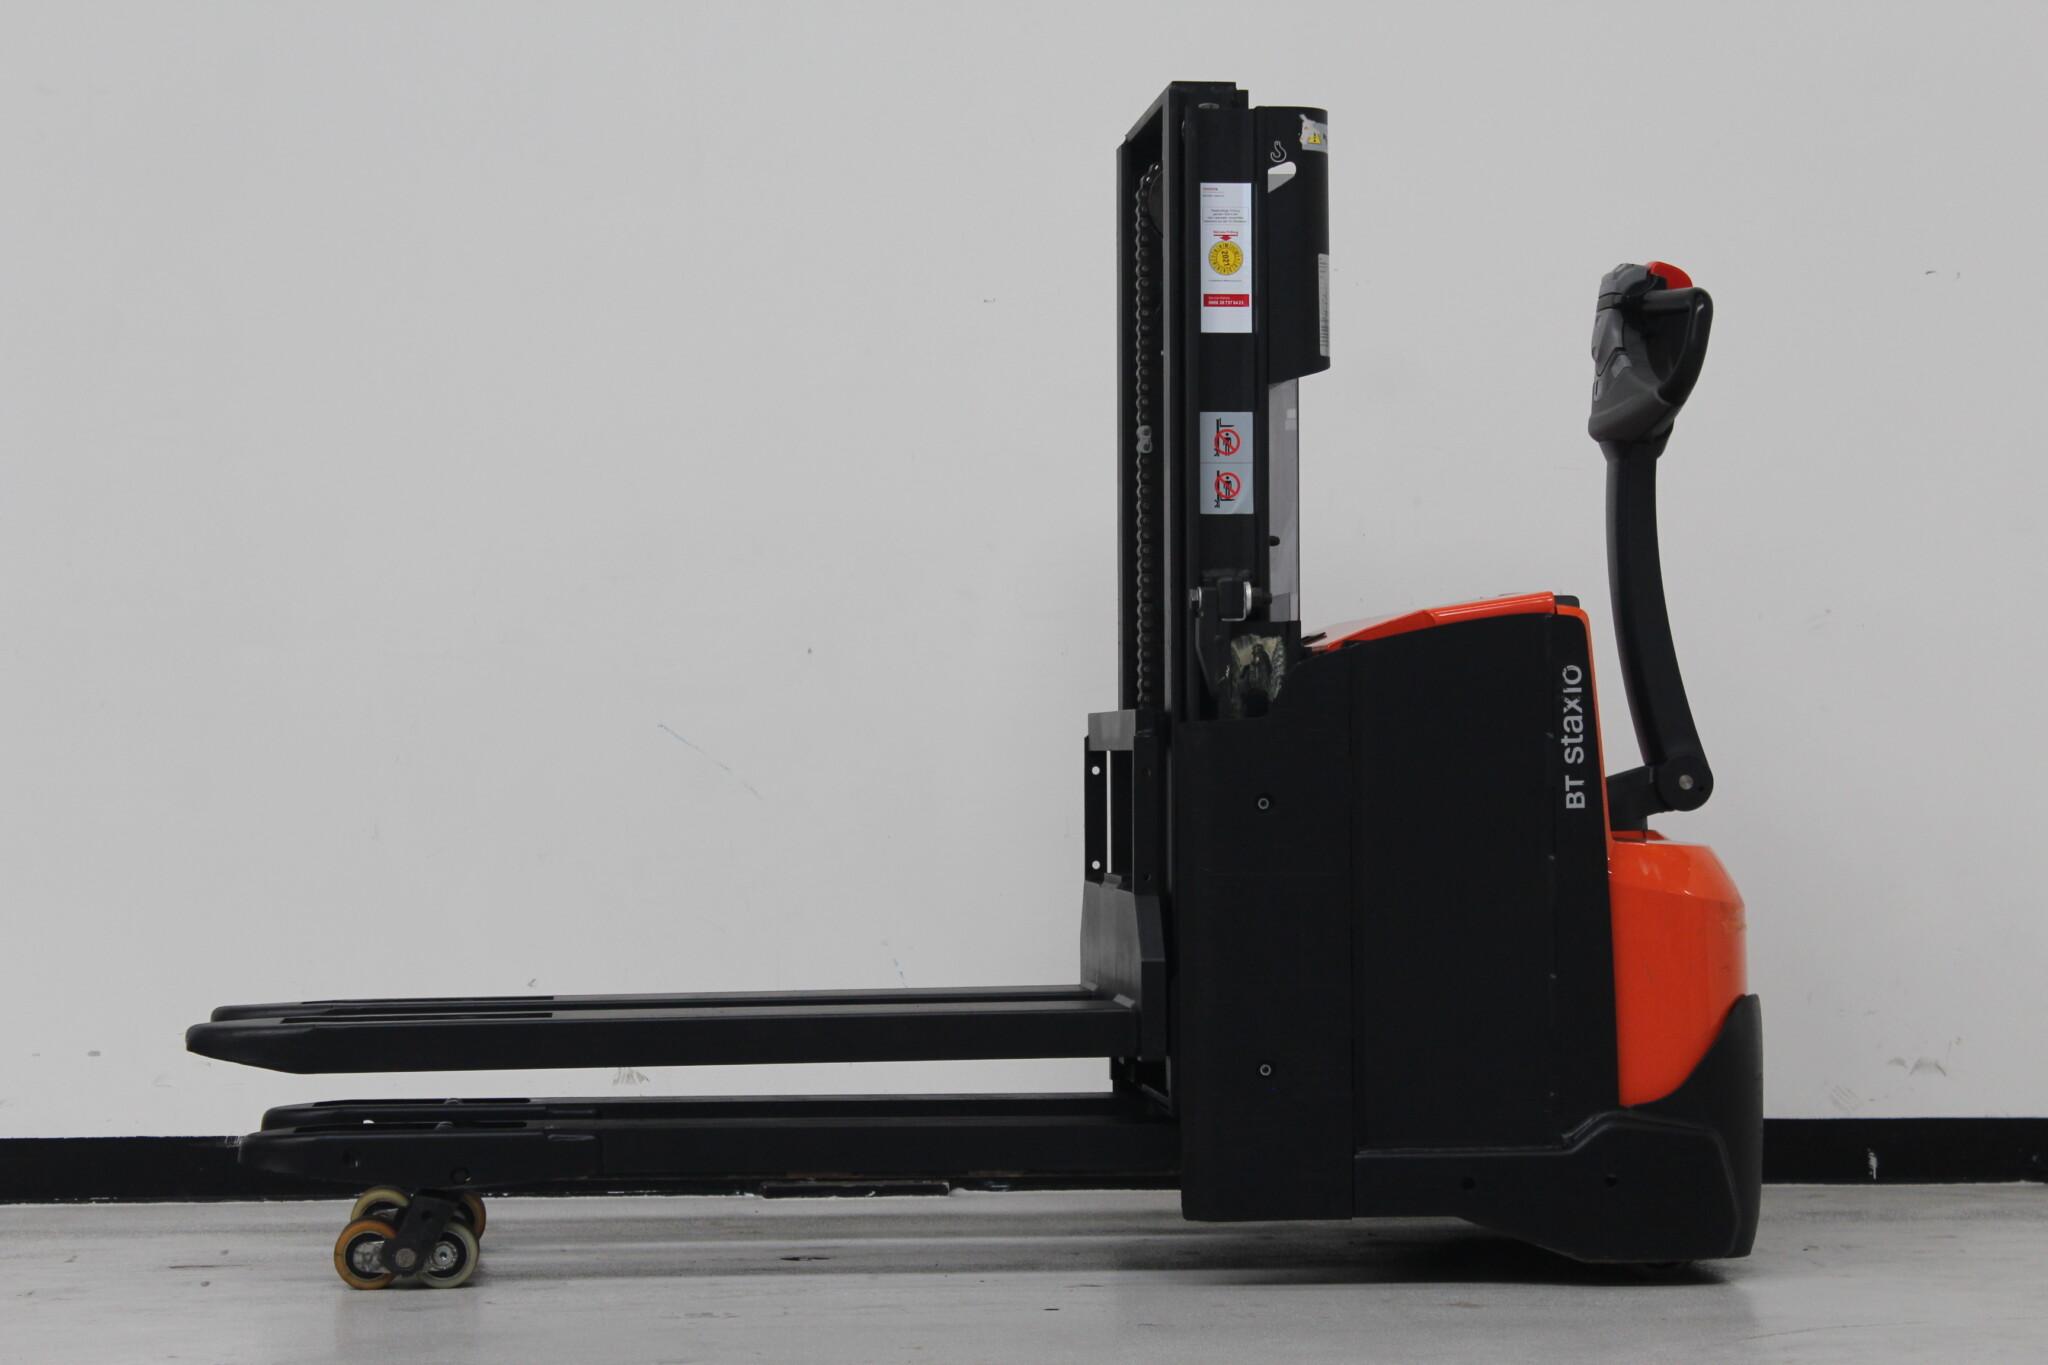 Toyota-Gabelstapler-59840 1809025164 1 scaled